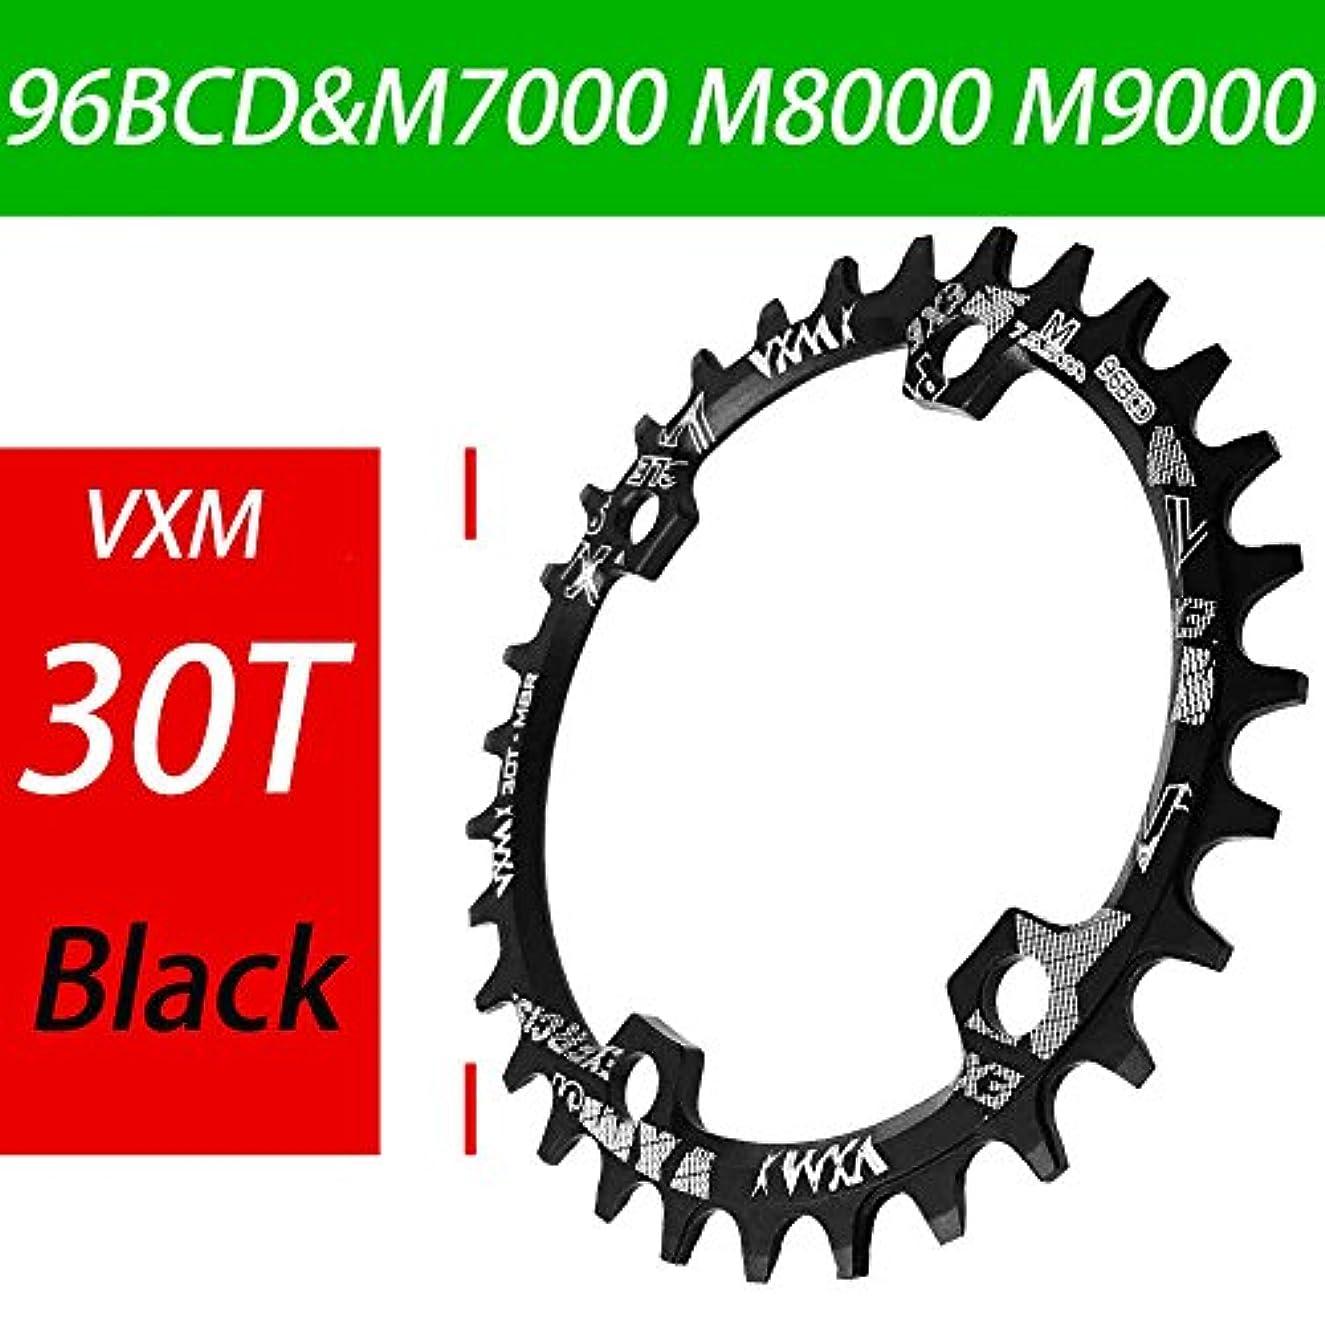 任命するちなみにワークショップPropenary - Bicycle 96BCD Crank 30T Chainwheel Aluminum Alloy Round Chain ring Chainwheel Road Bicycle Chain ring...